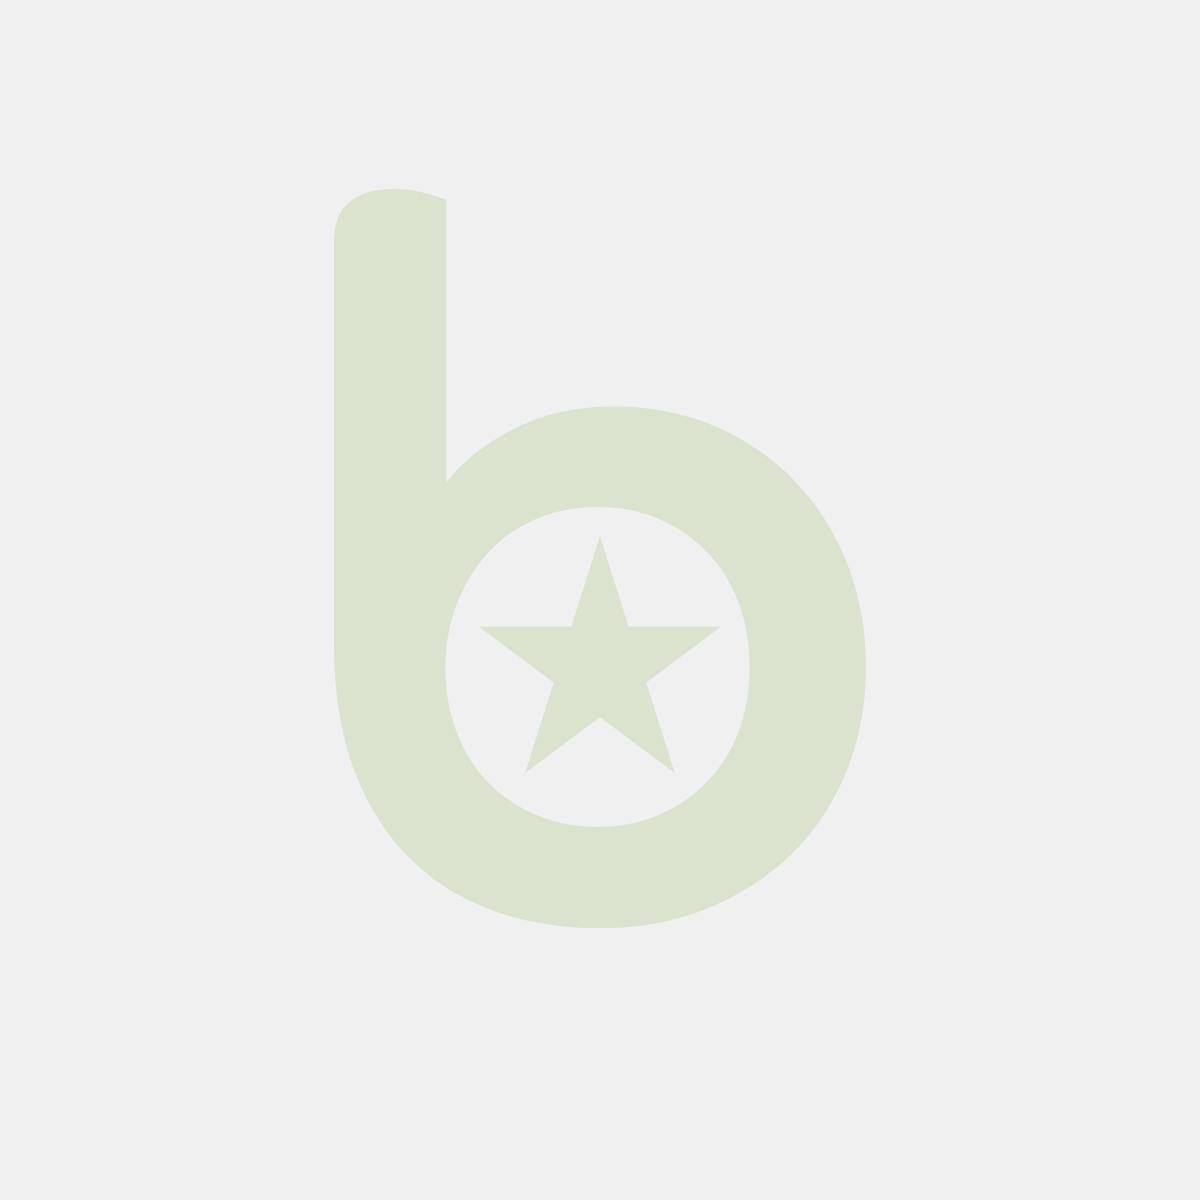 Hak wielokrotnego użytku COMMAND™ (17069 PL), z metalowym uchwytem, duży, biały